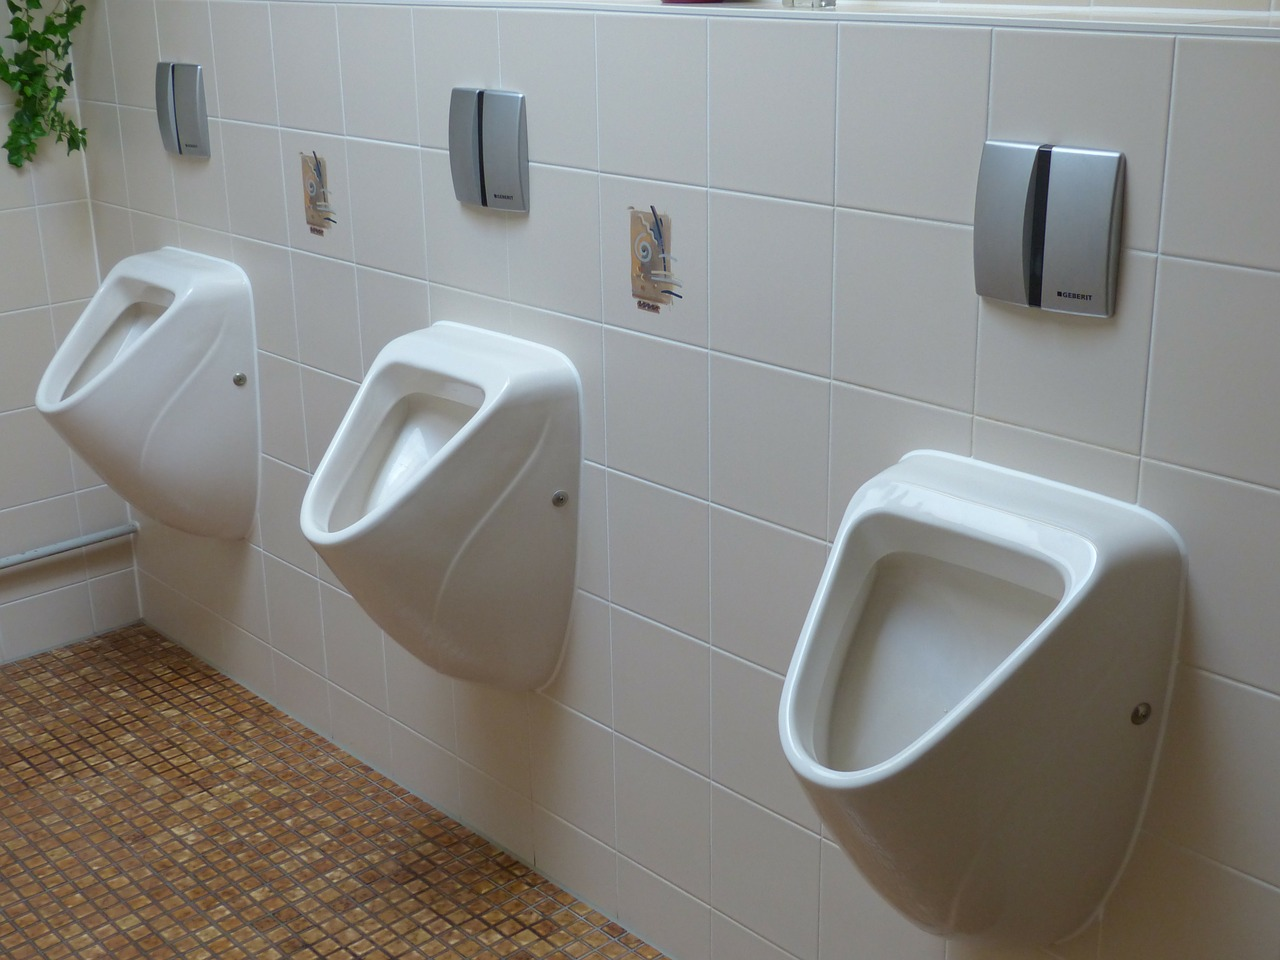 WC Sanierung Klo verstopft installateur in wien Verstopfung lösen verstopfung beheben plumber vienna